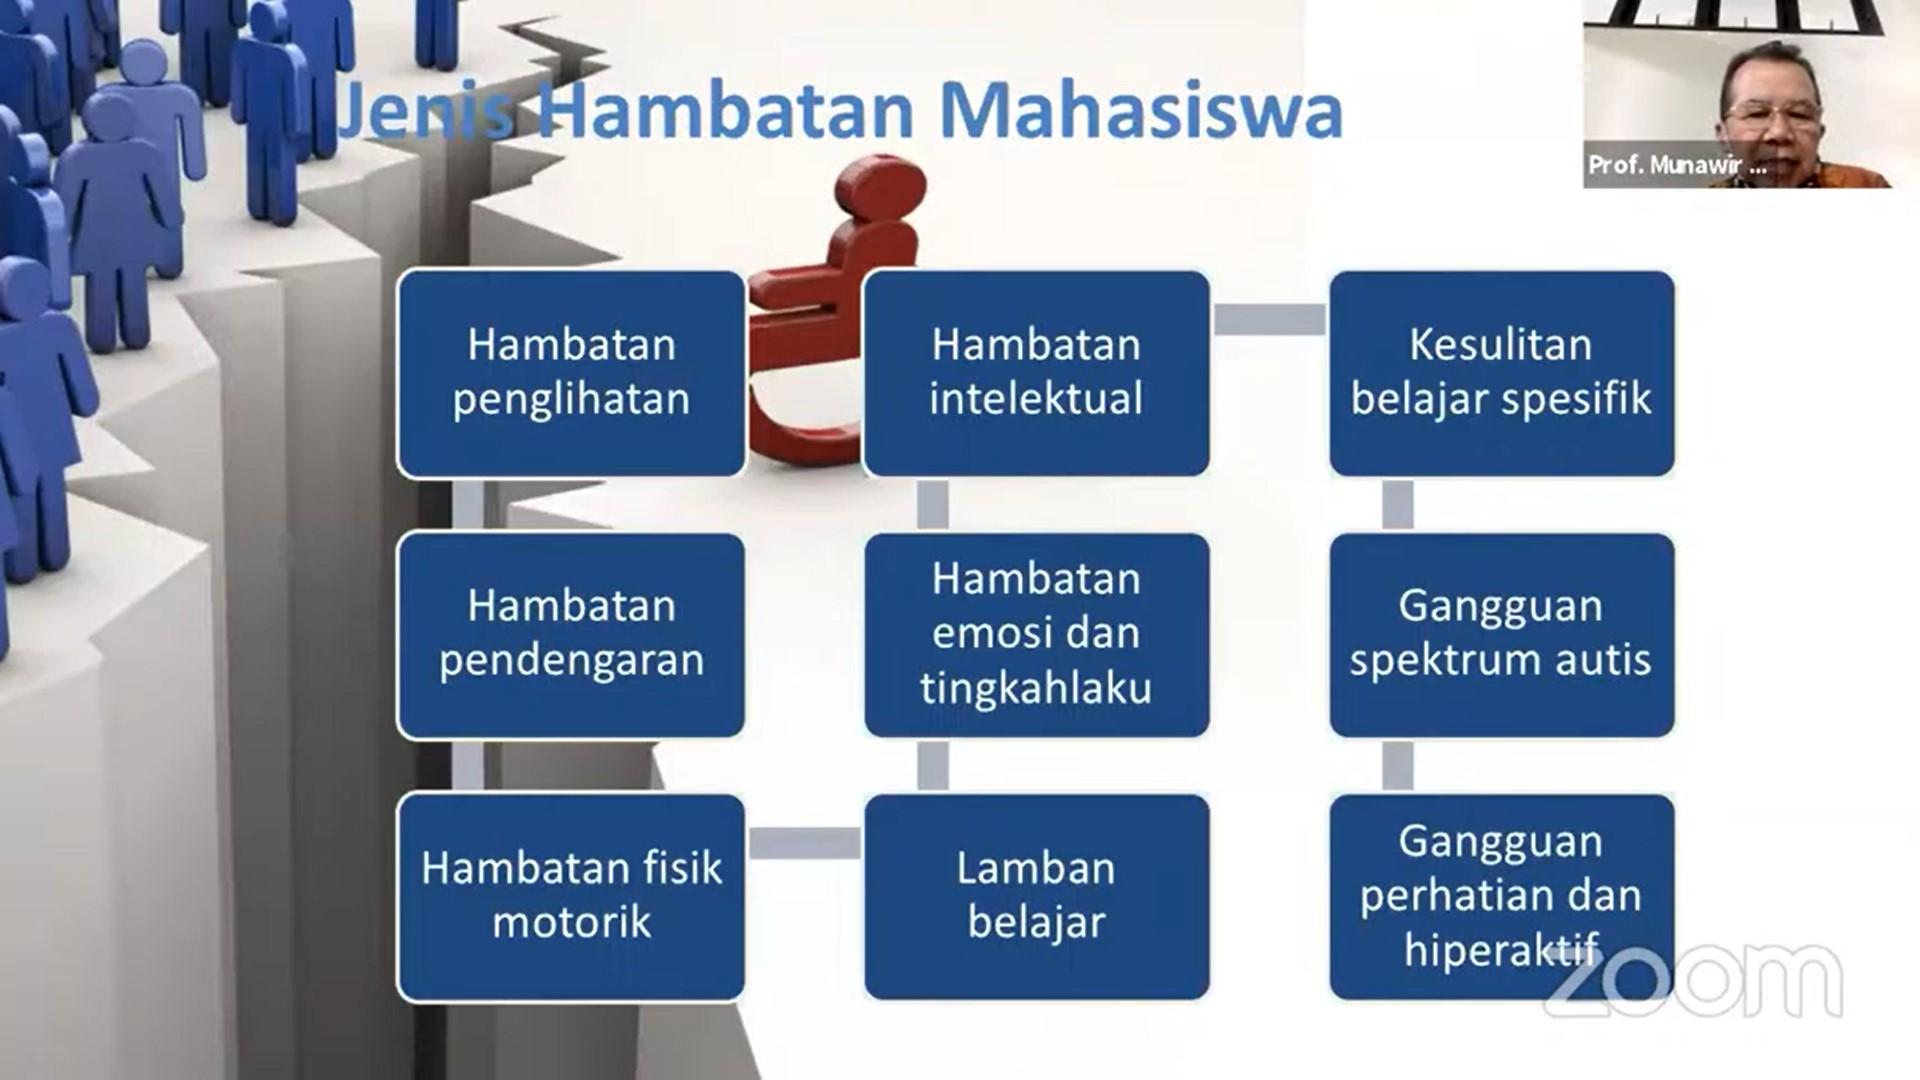 Paparan Prof. Munawir terkait Hambatan Mahasiswa Berkebutuhan Khusus. Foto: Tangkapan layar presentasi